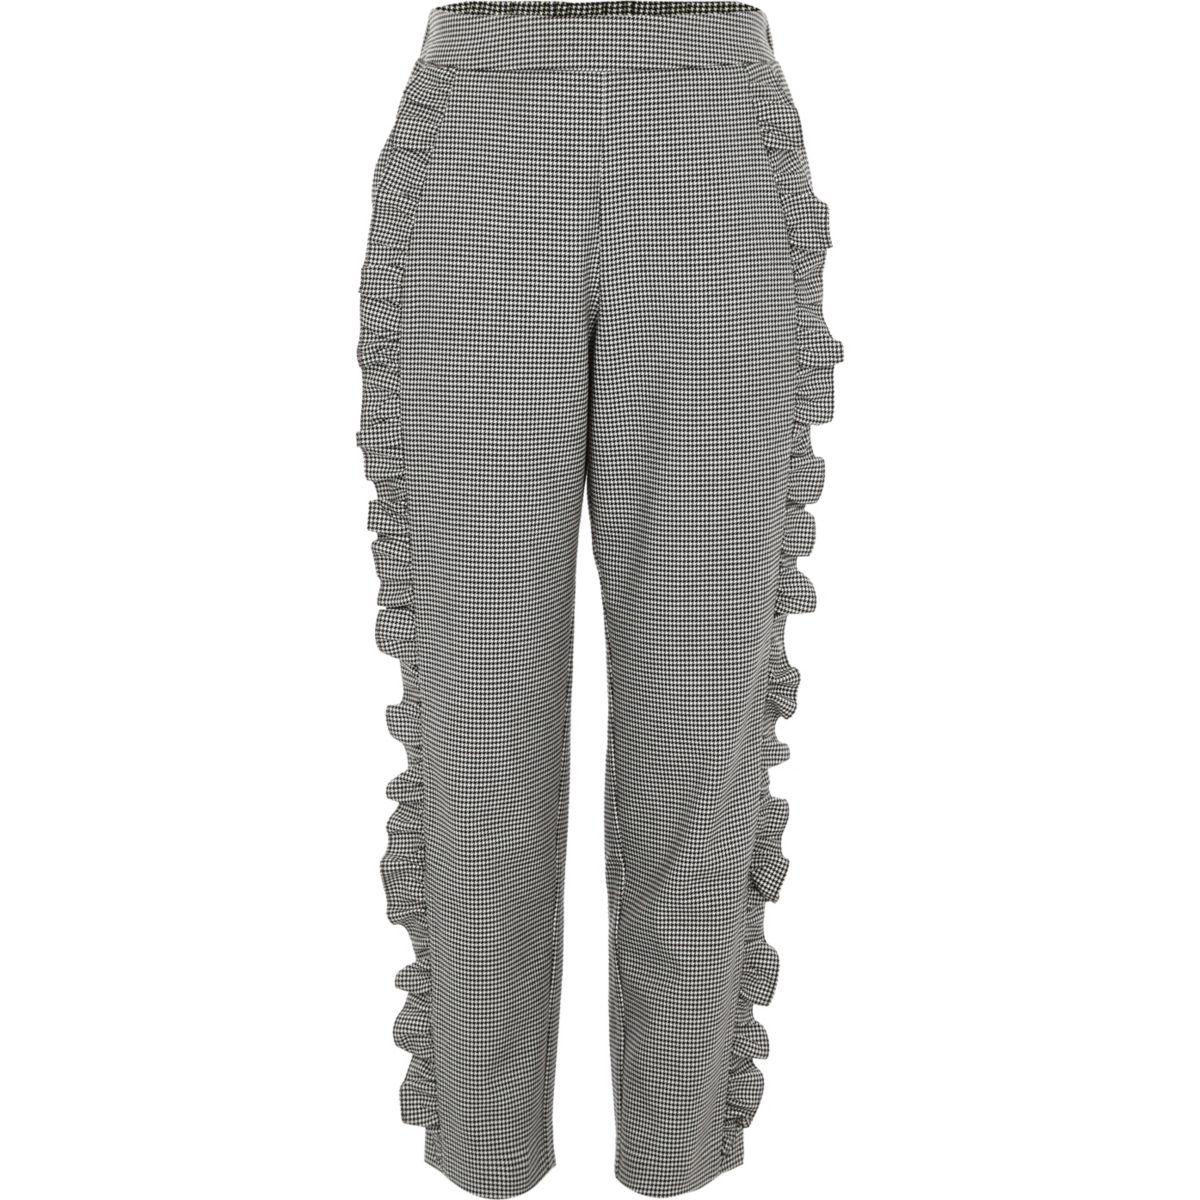 Pantalon à carreaux motif pied-de-poule gris pour fille